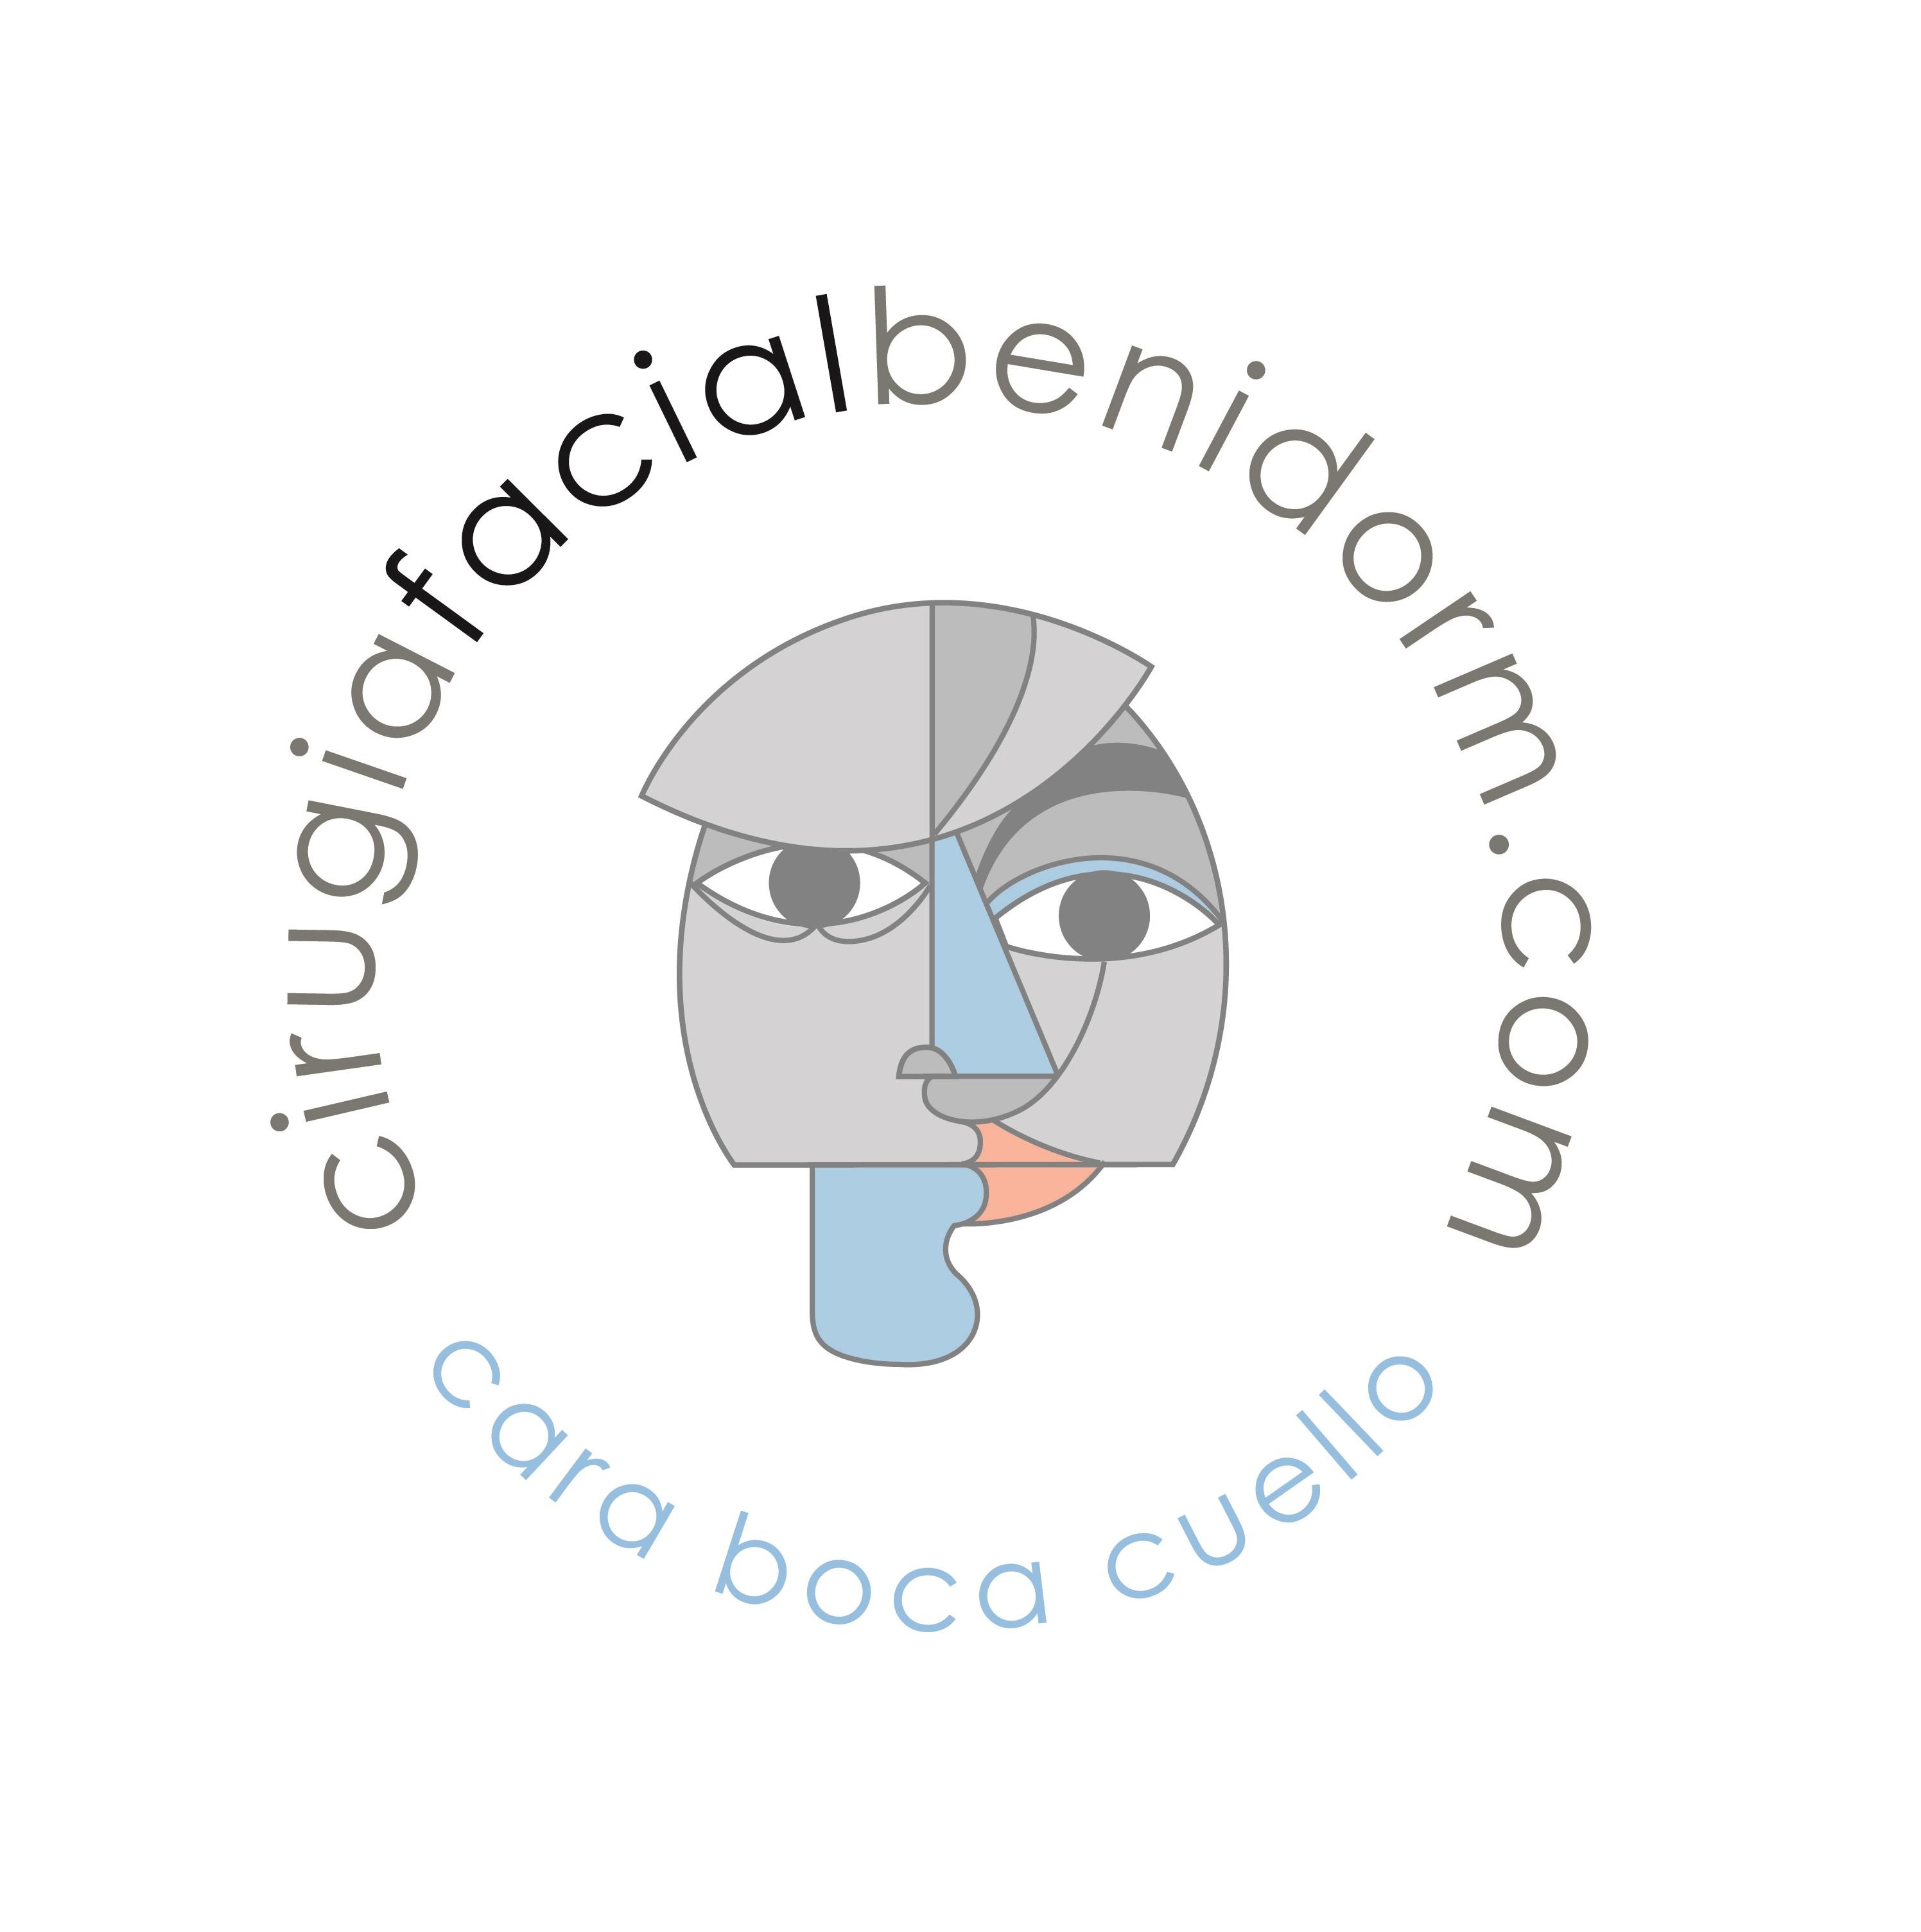 Cirugía Estética Facial – Alta Estética Dental e Implantología – Cirugía Facial Benidorm – Tus médicos de cara, boca y cuello